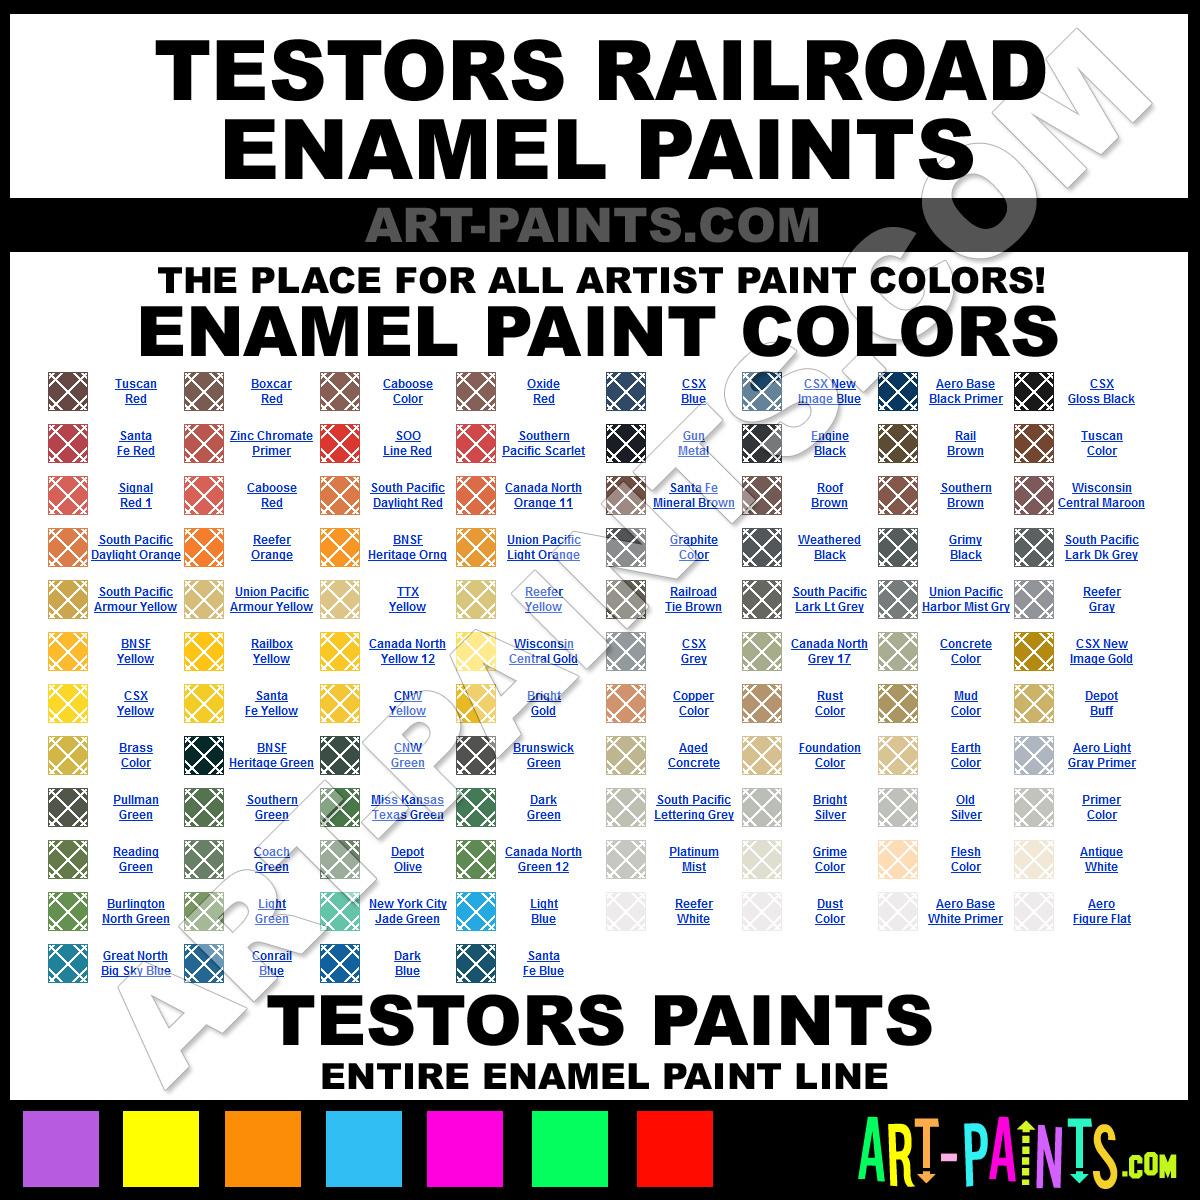 Flesh Railroad Enamel Paints F110023 Flesh Paint Flesh Color